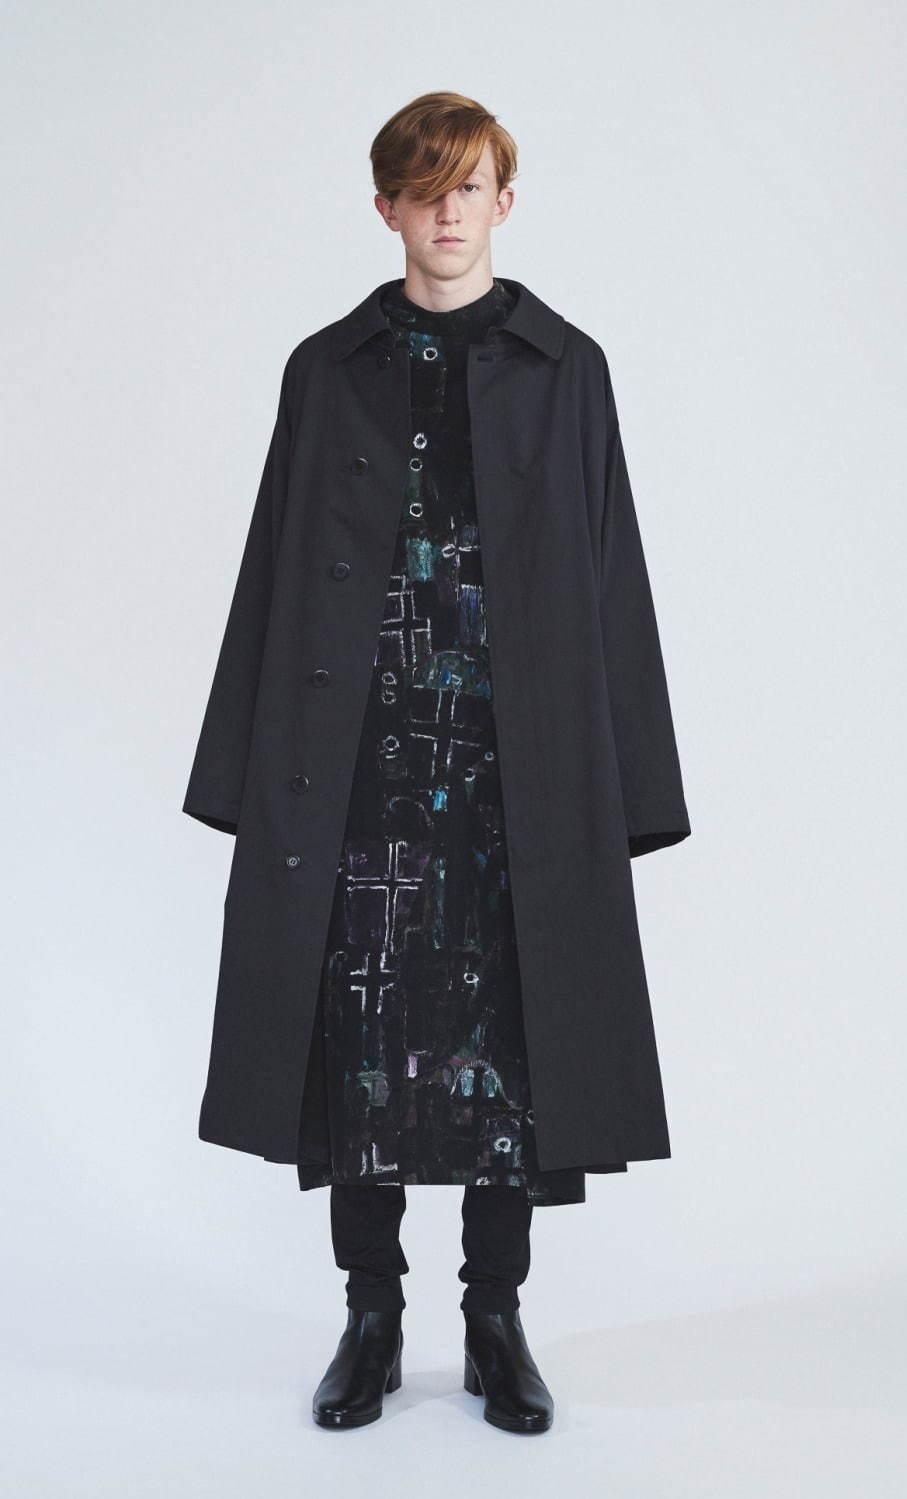 ステンカラーコート 73,000円、シャツ 43,000円